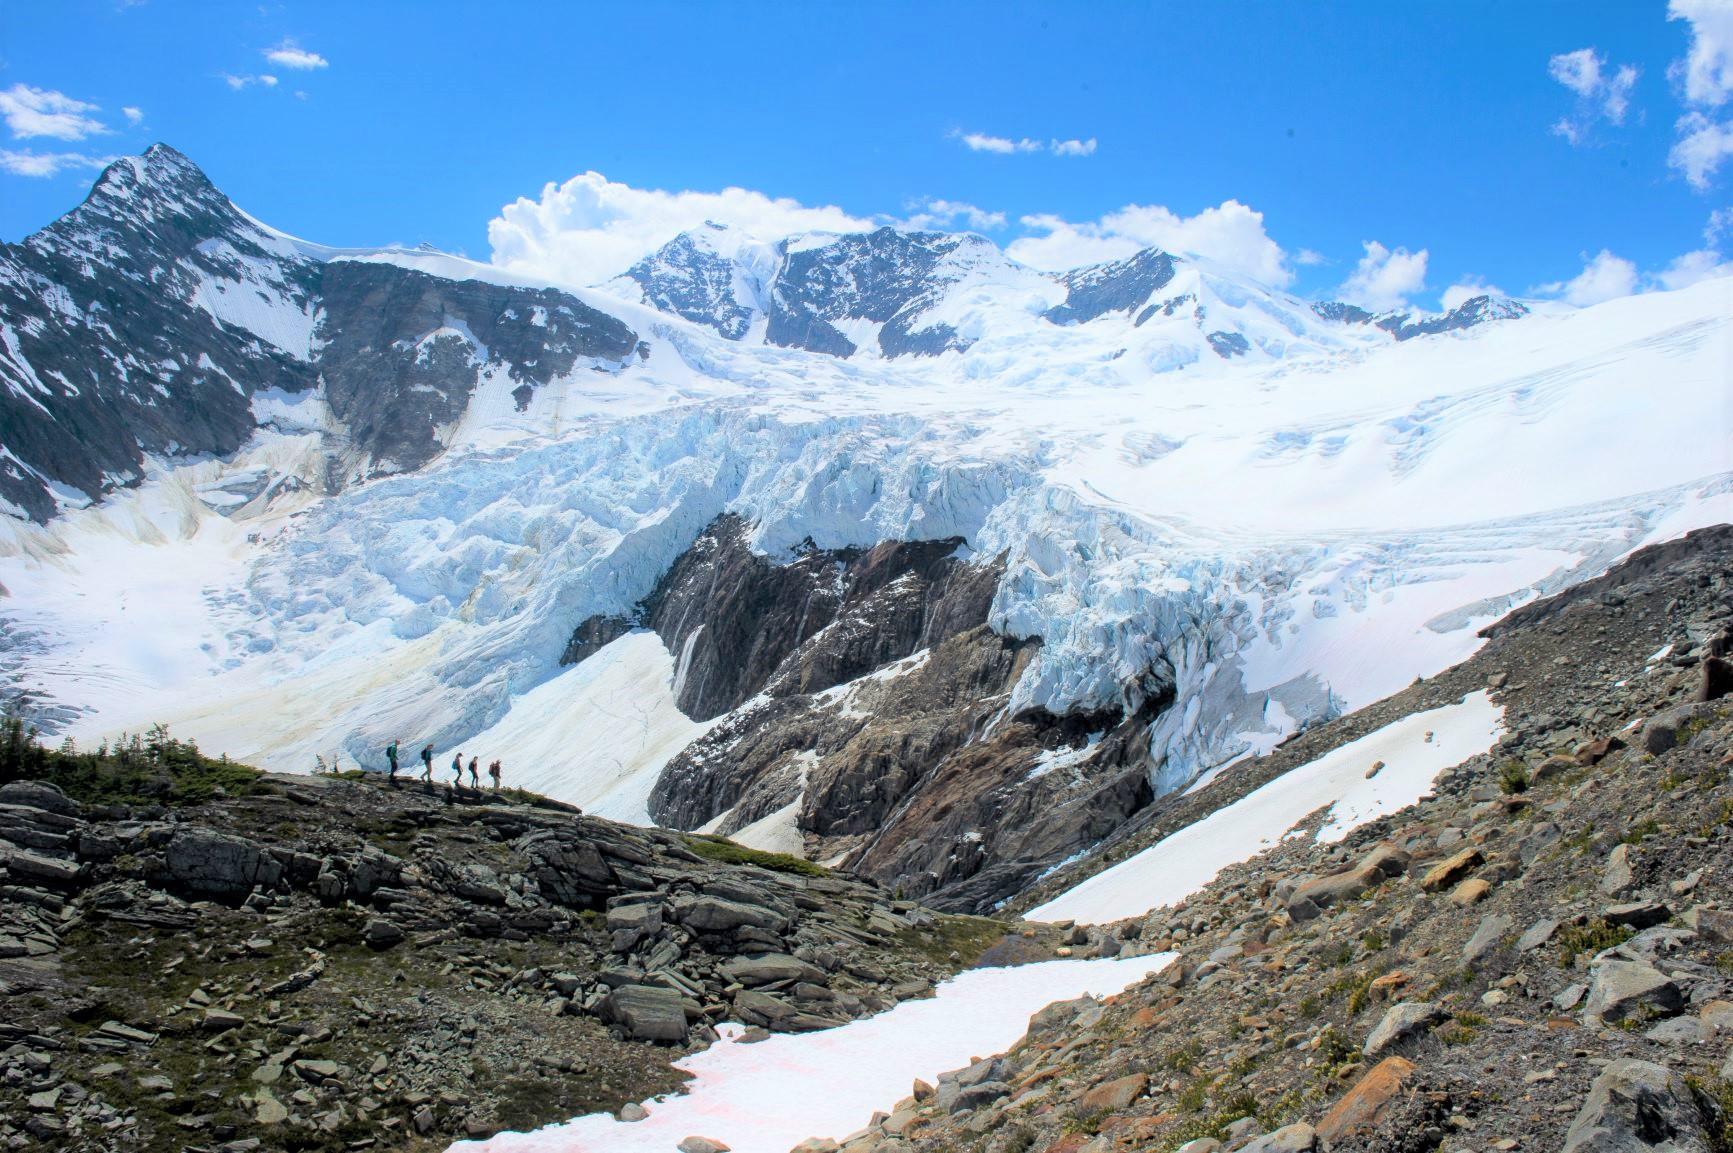 巨大な氷河のすぐ近くを歩けるのもCMHの魅力のひとつ